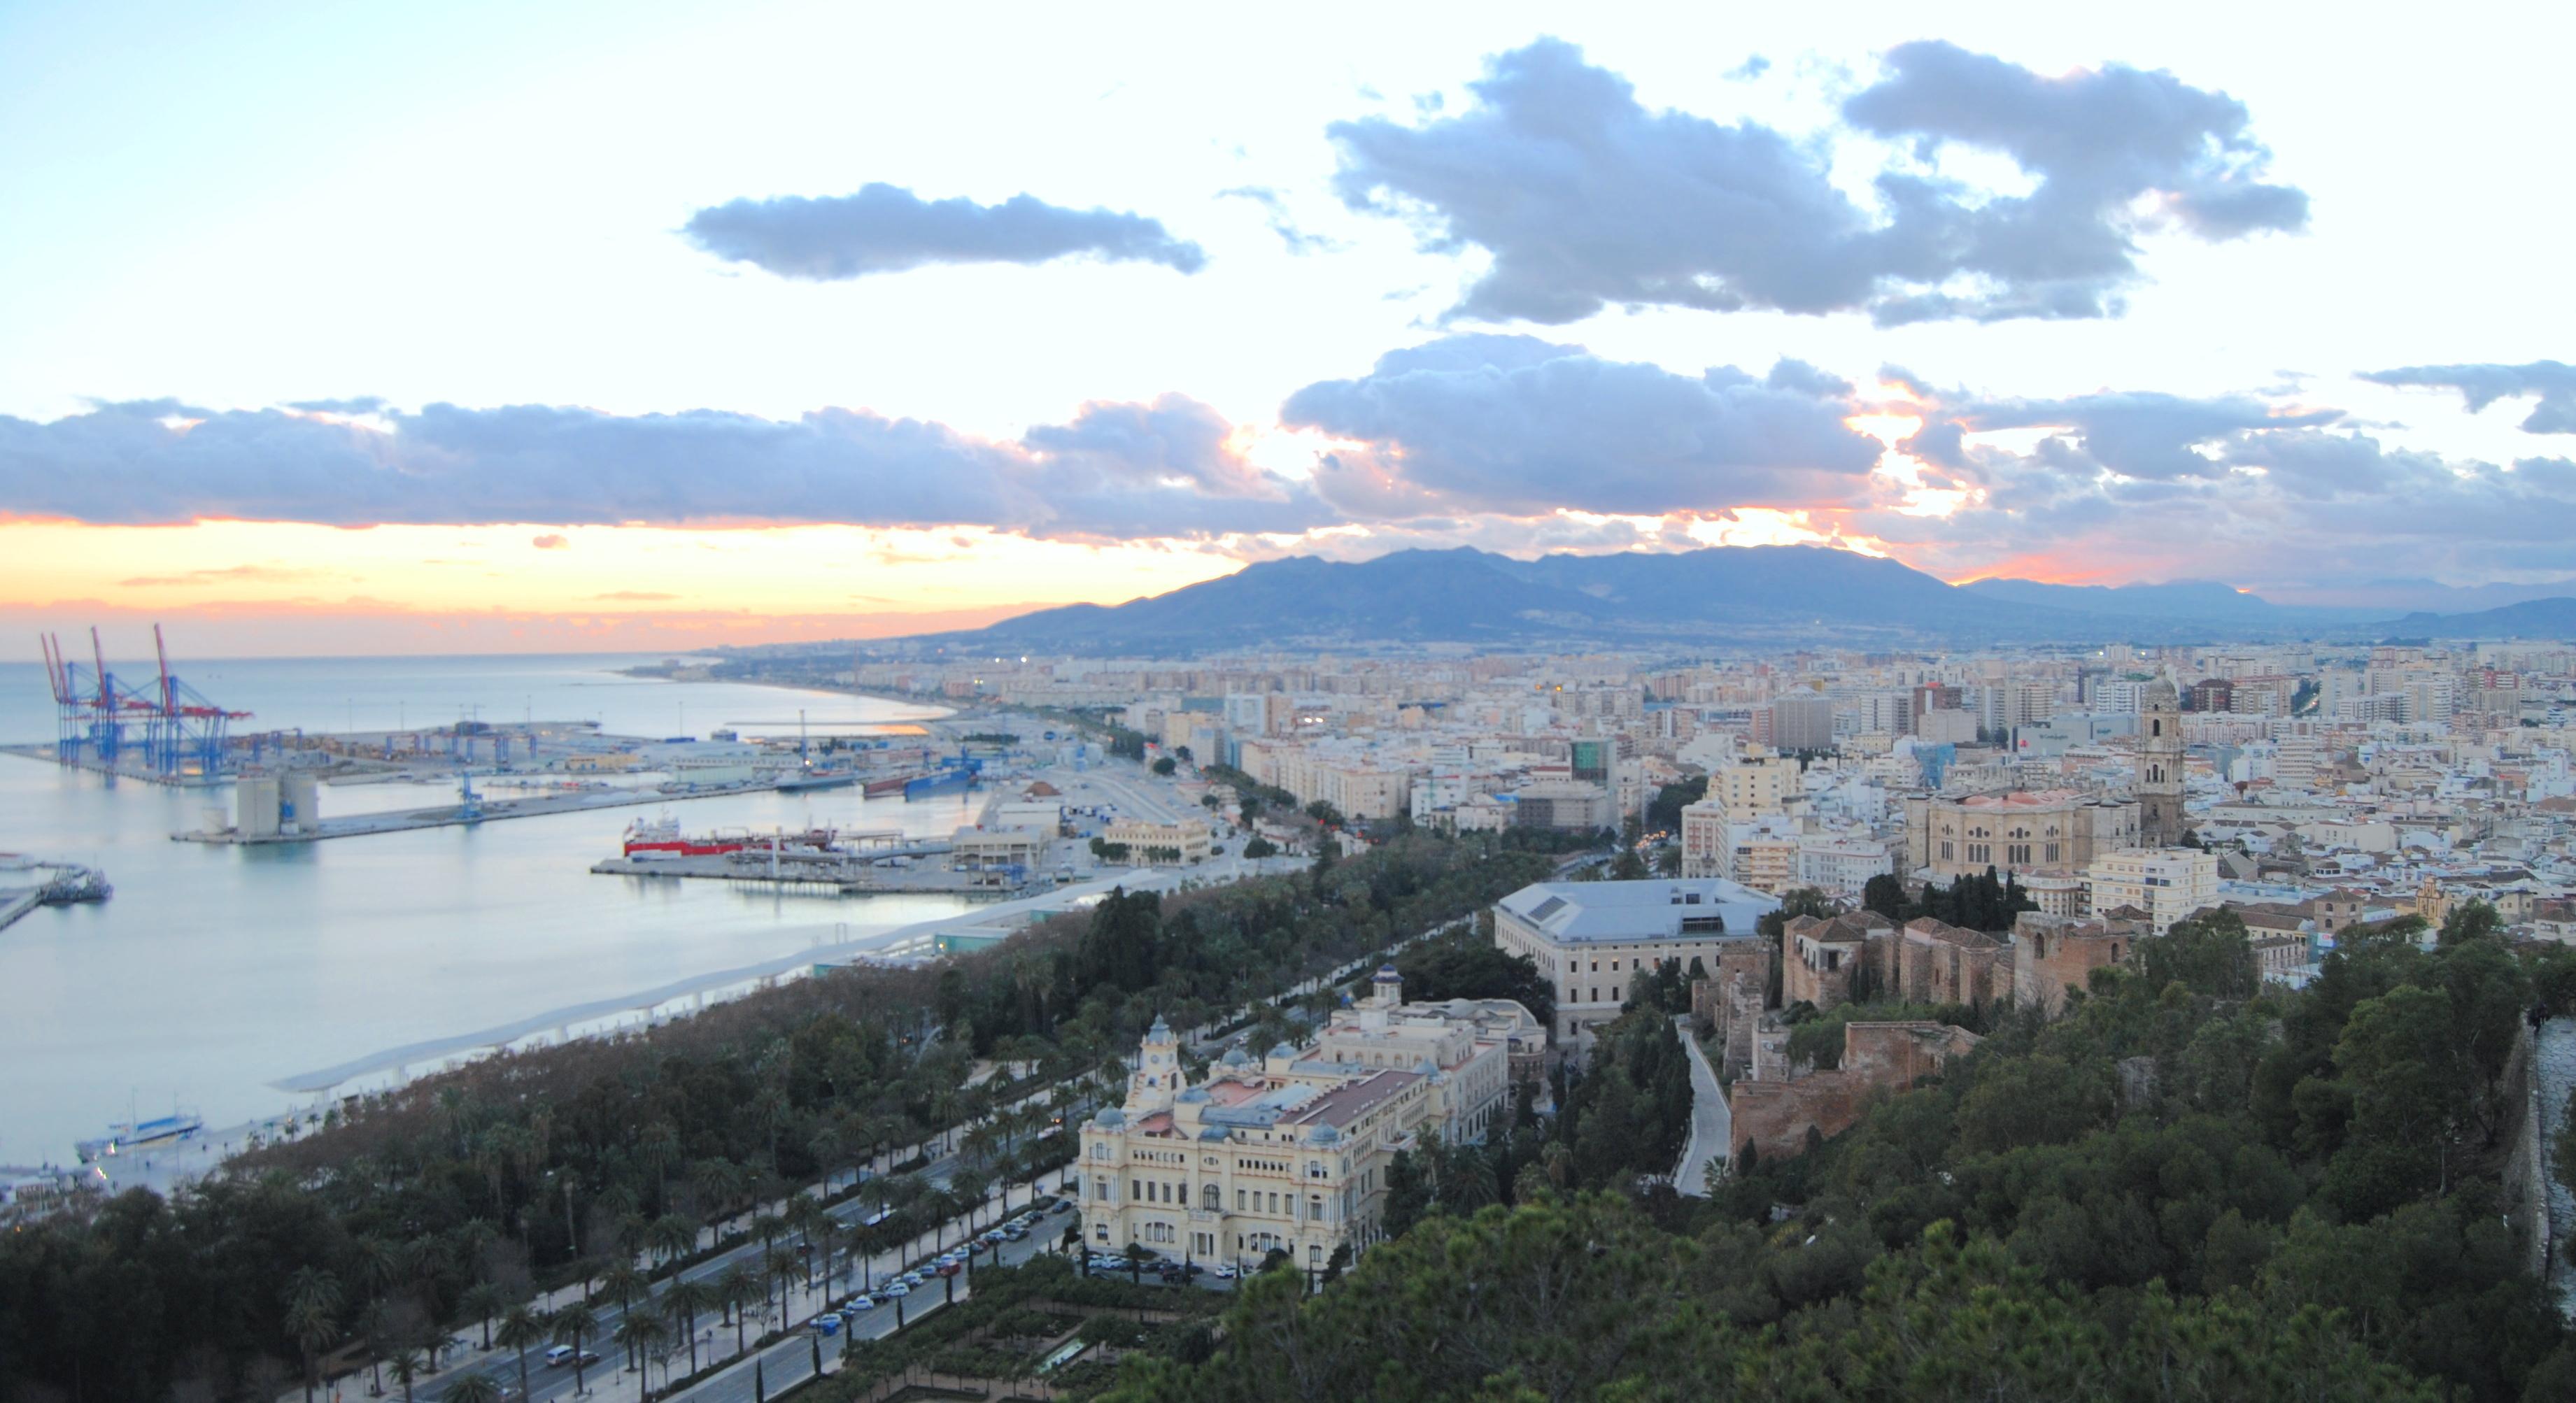 El mejor sitio para vivir voil m laga - Mejor sitio para vivir en espana ...